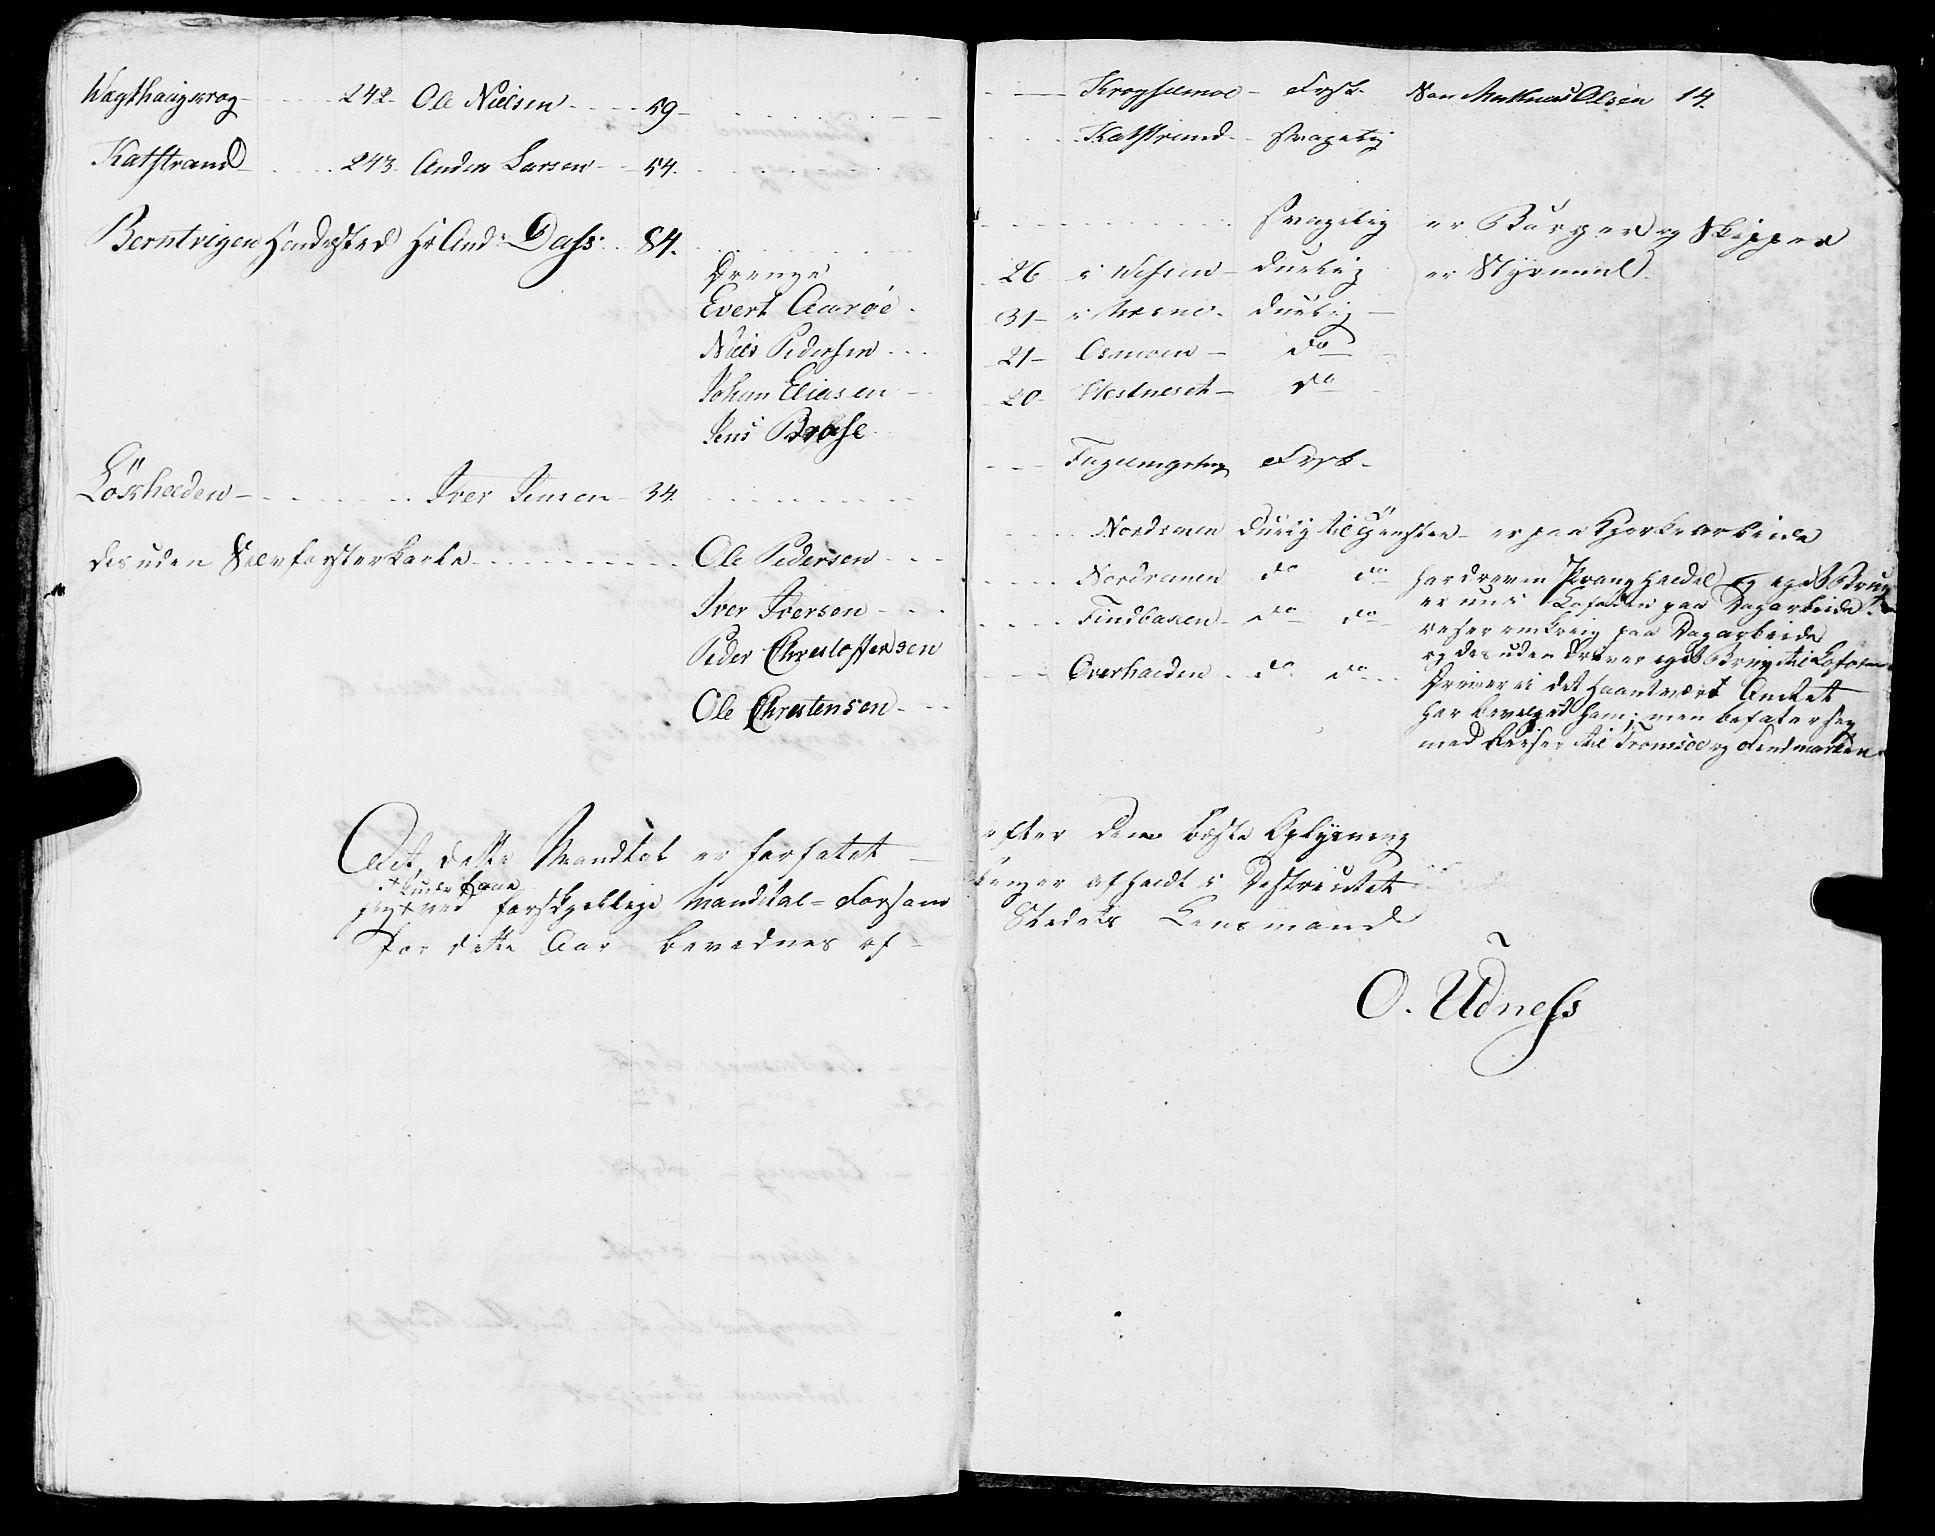 SAT, Fylkesmannen i Nordland, R/RA/L0013: Innrulleringsmanntall for Hemnes (Sør-Rana), 1809-1835, s. 150